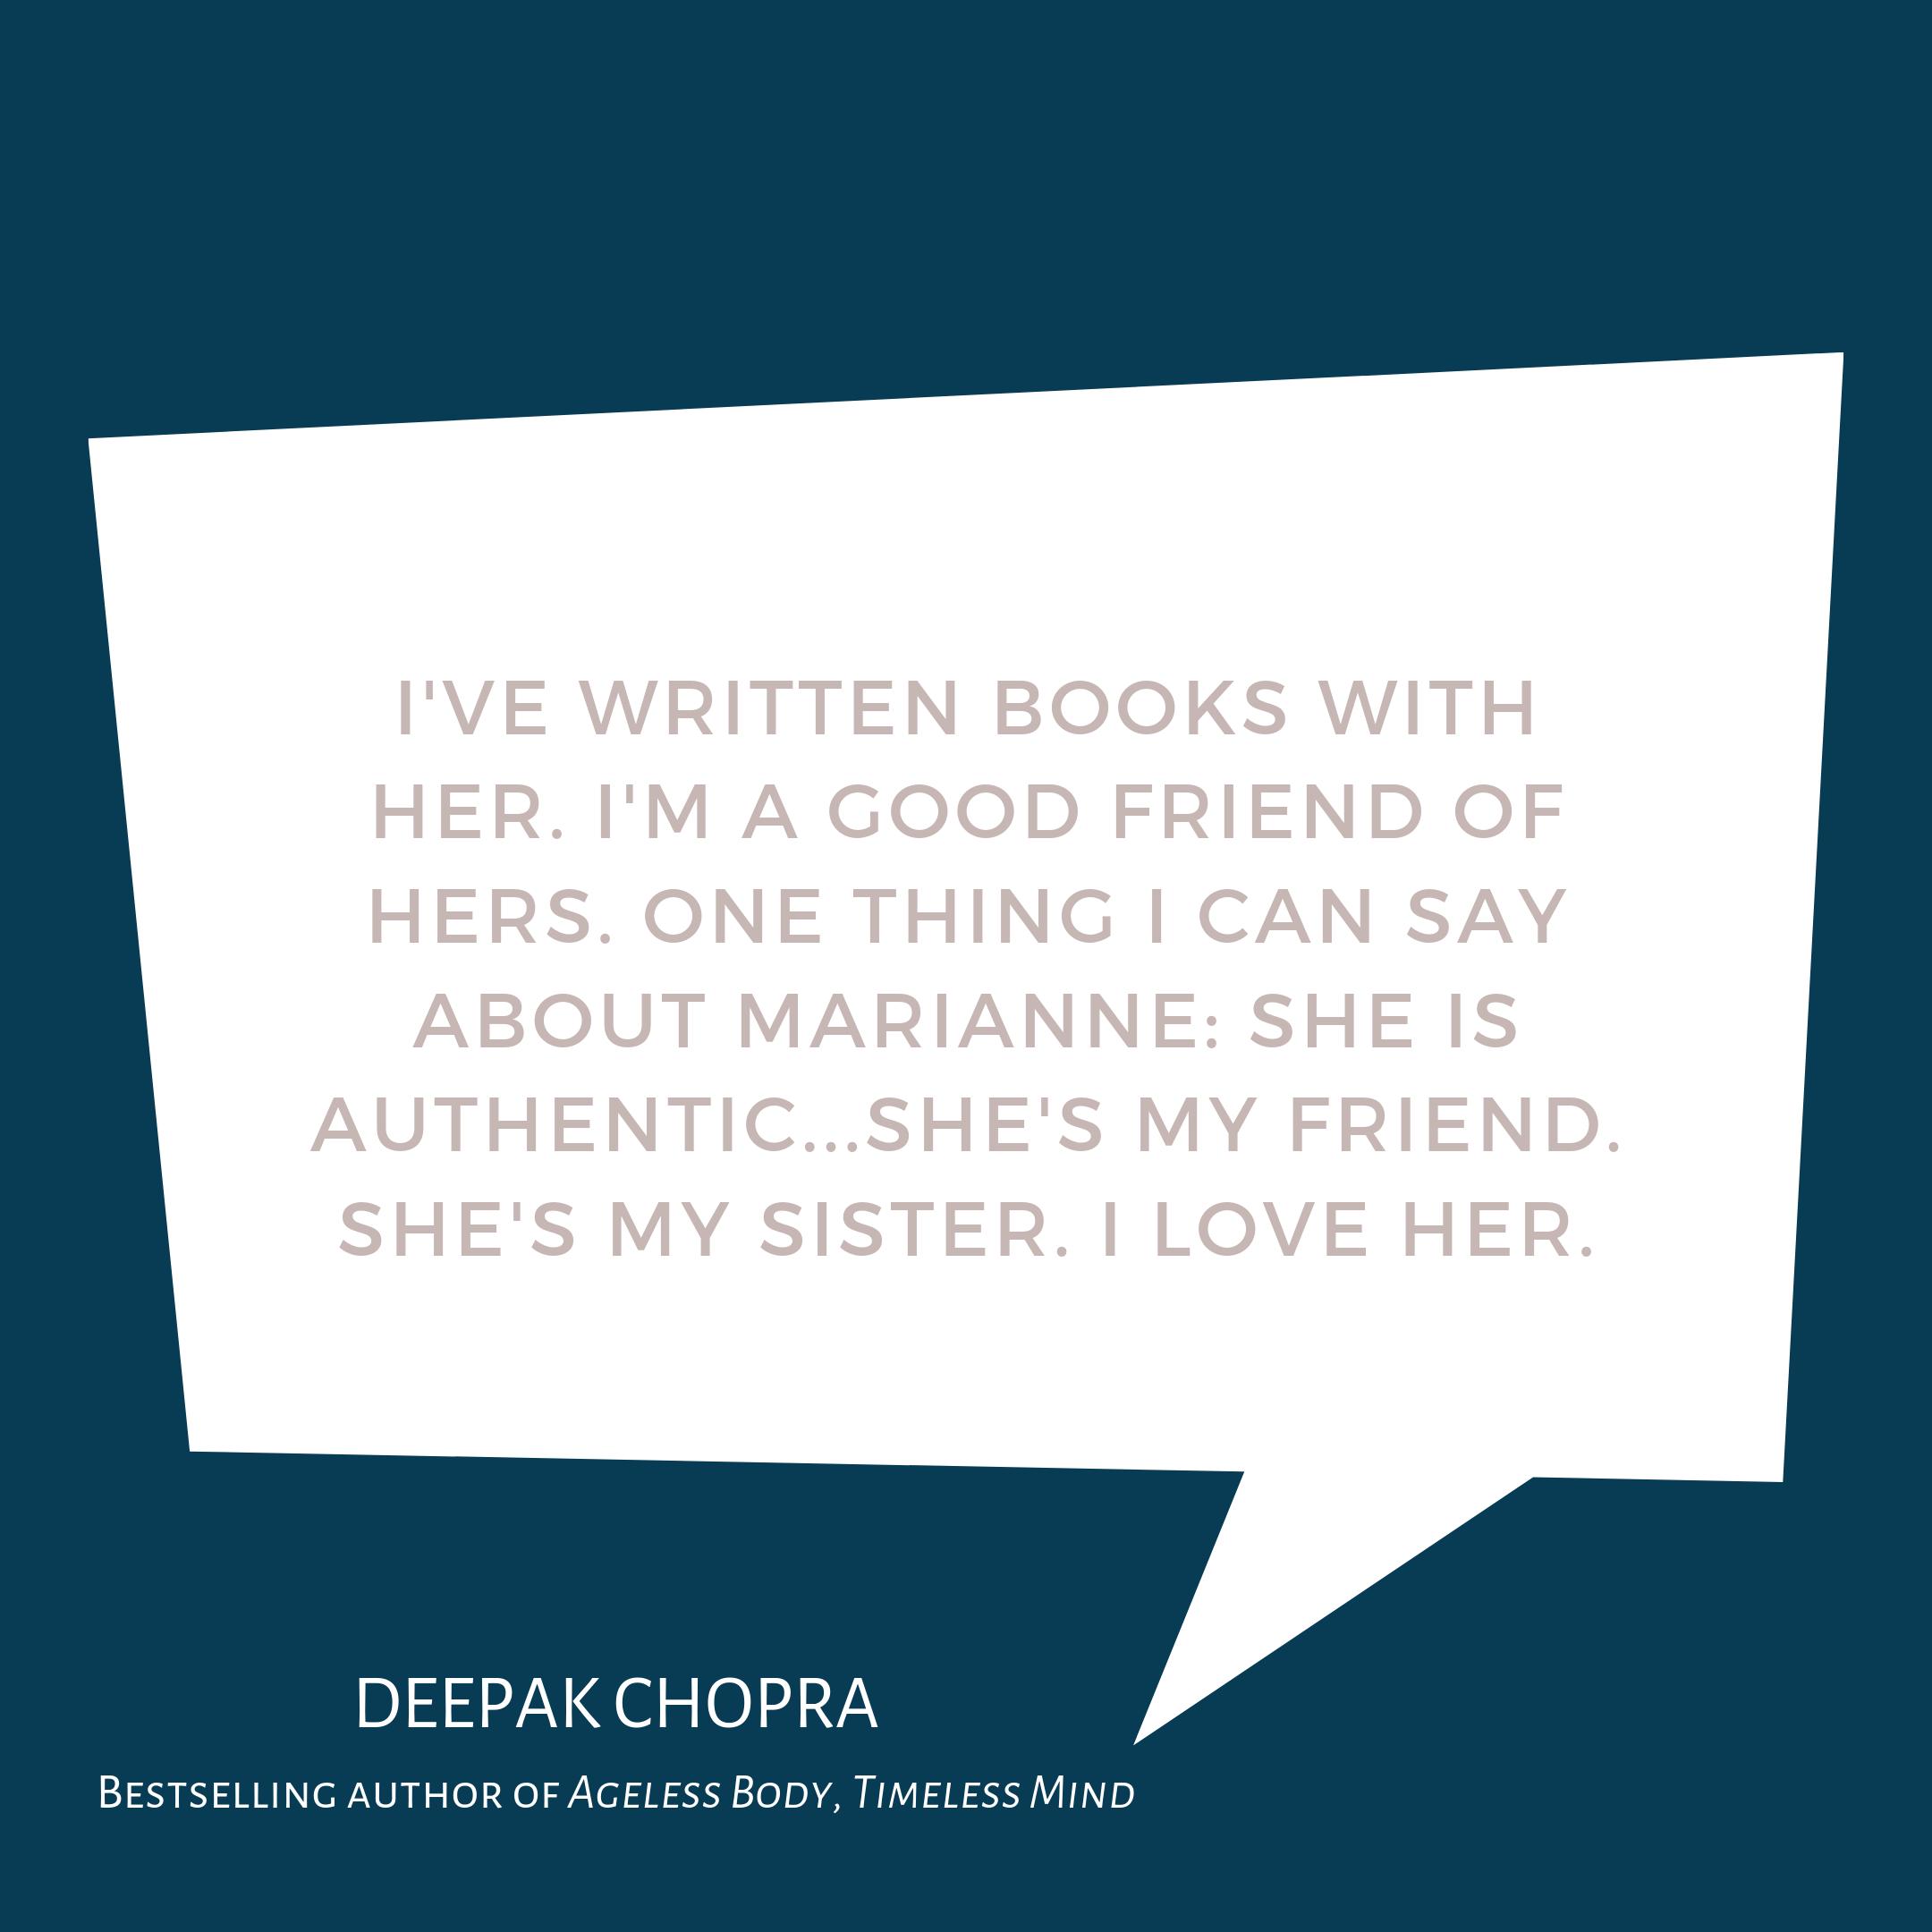 Deepak Testimonial.png